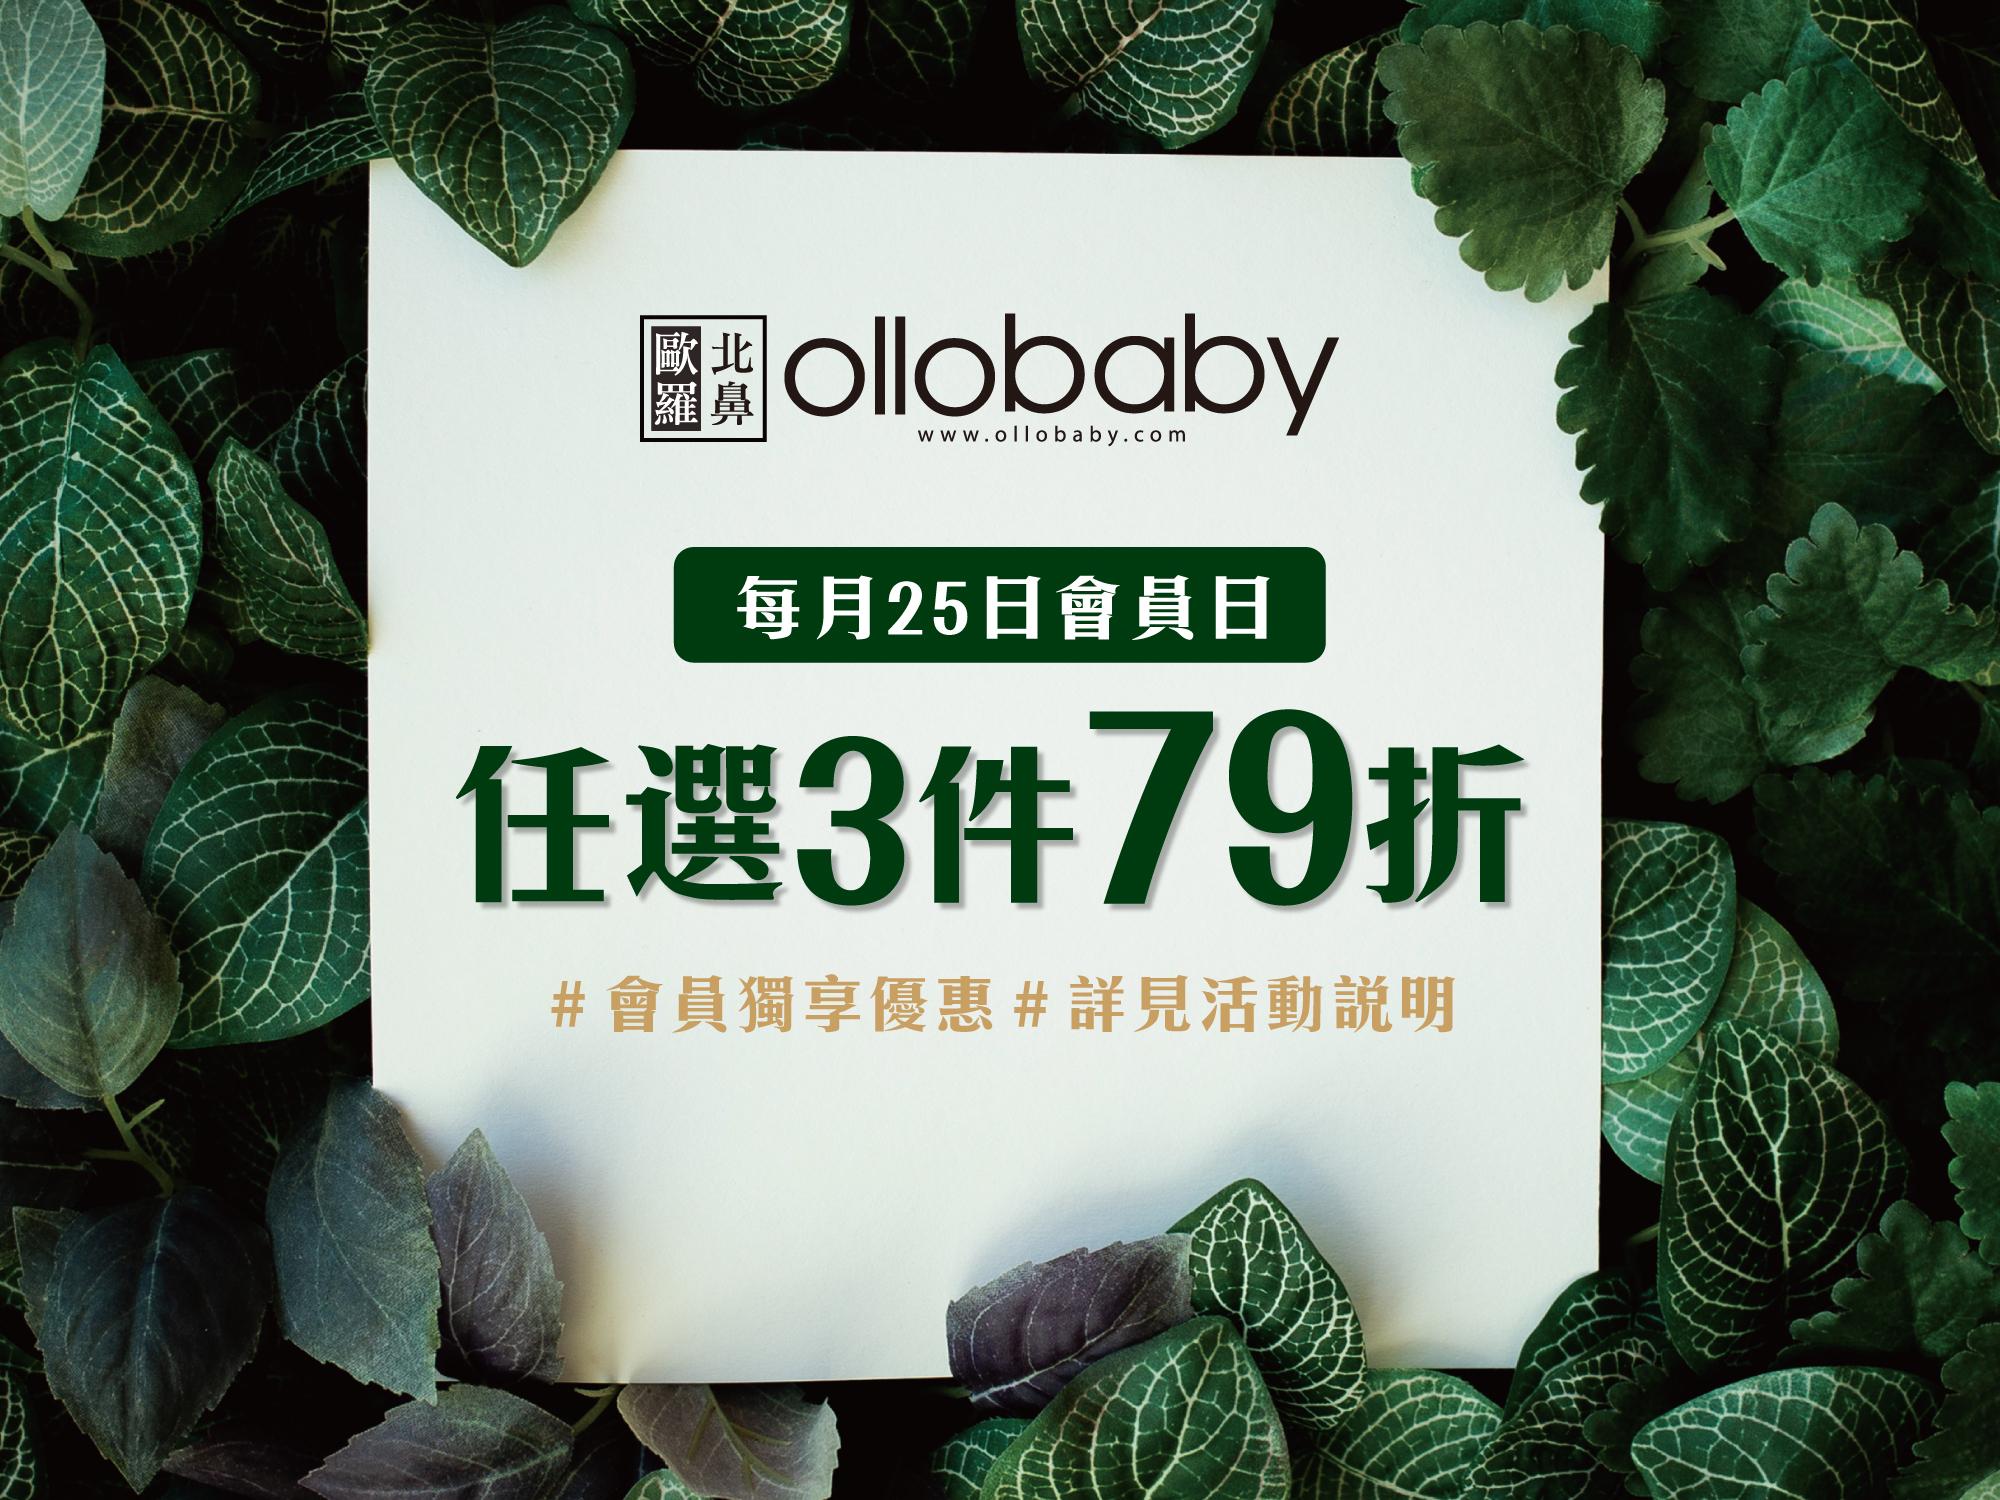 ollobaby-官網會員日-滿件折